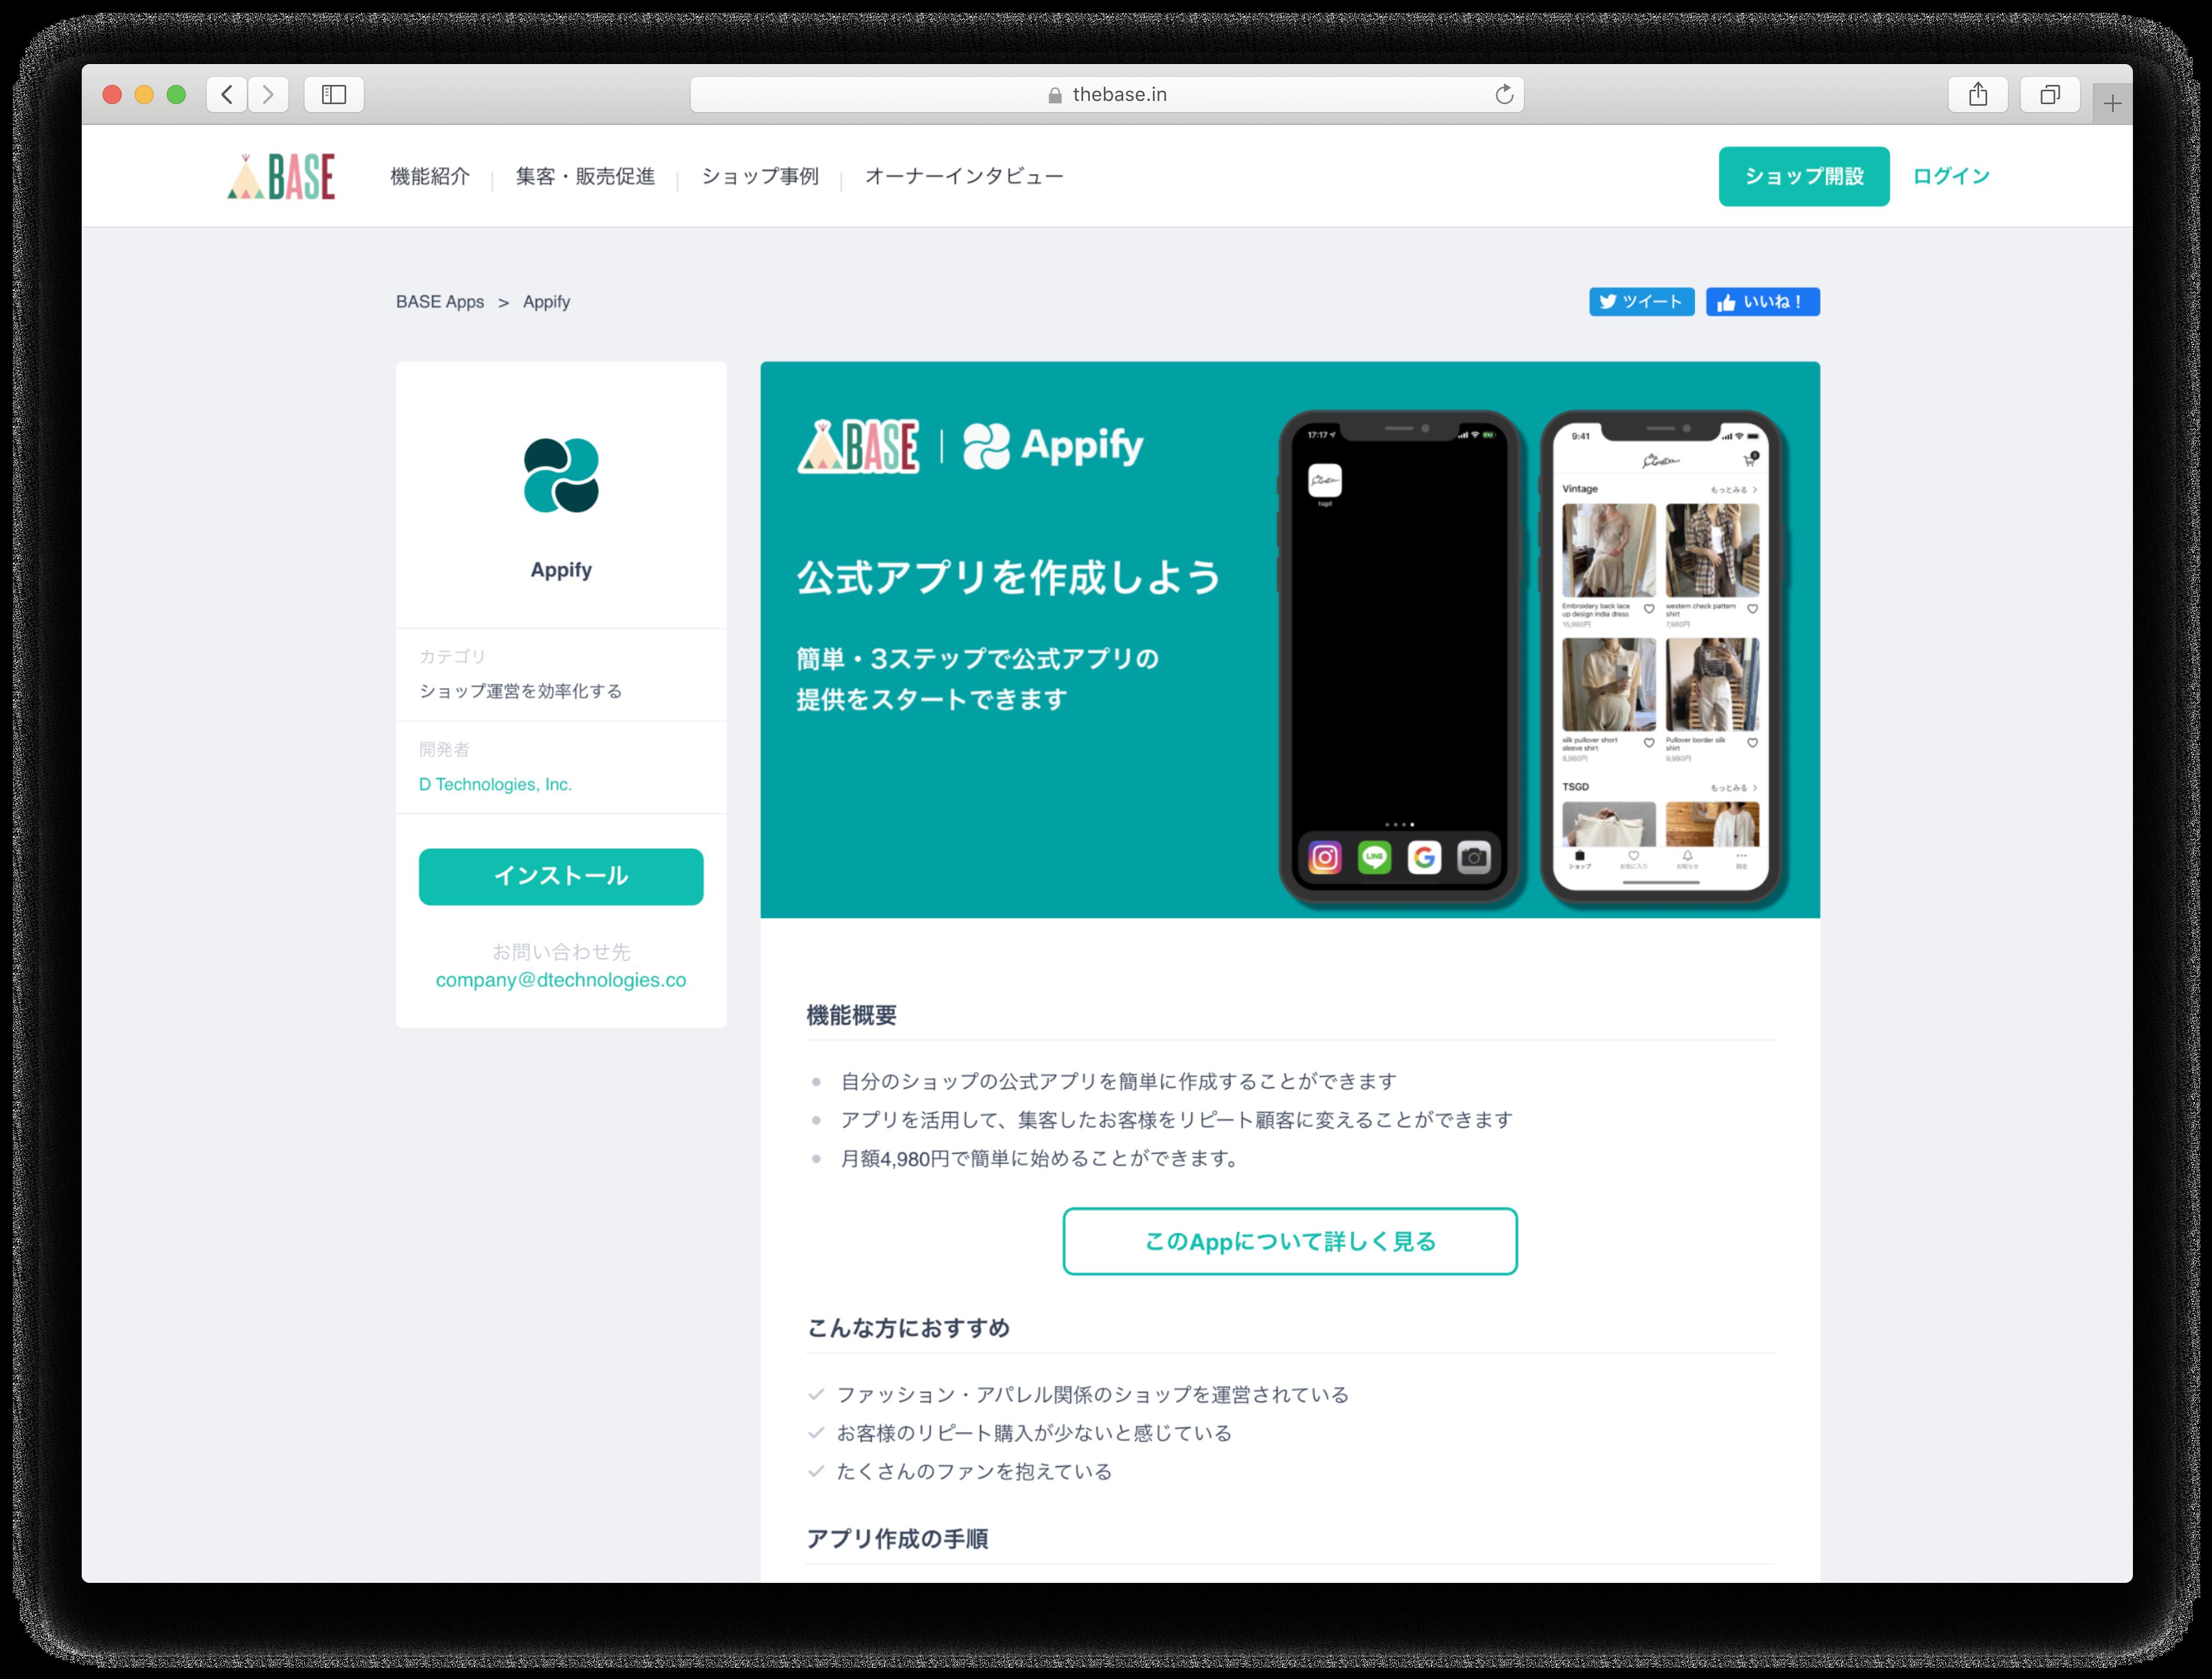 BASEでのAppインストール画面